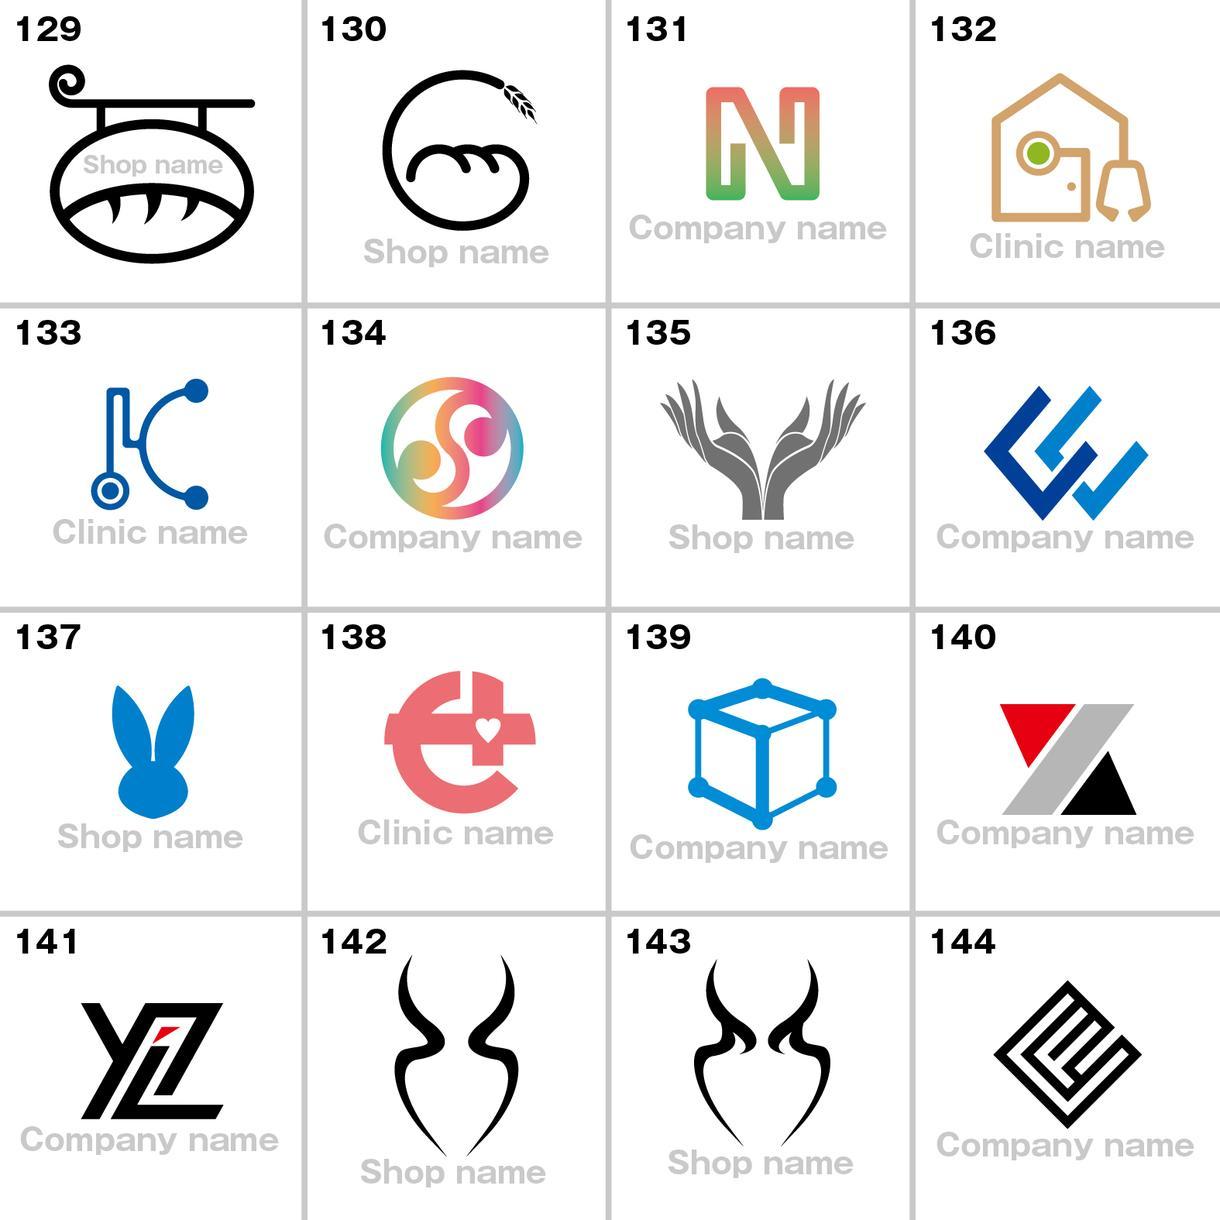 PART2.できてるロゴを販売します 今まで制作した、できてるロゴを格安にて販売いたします。